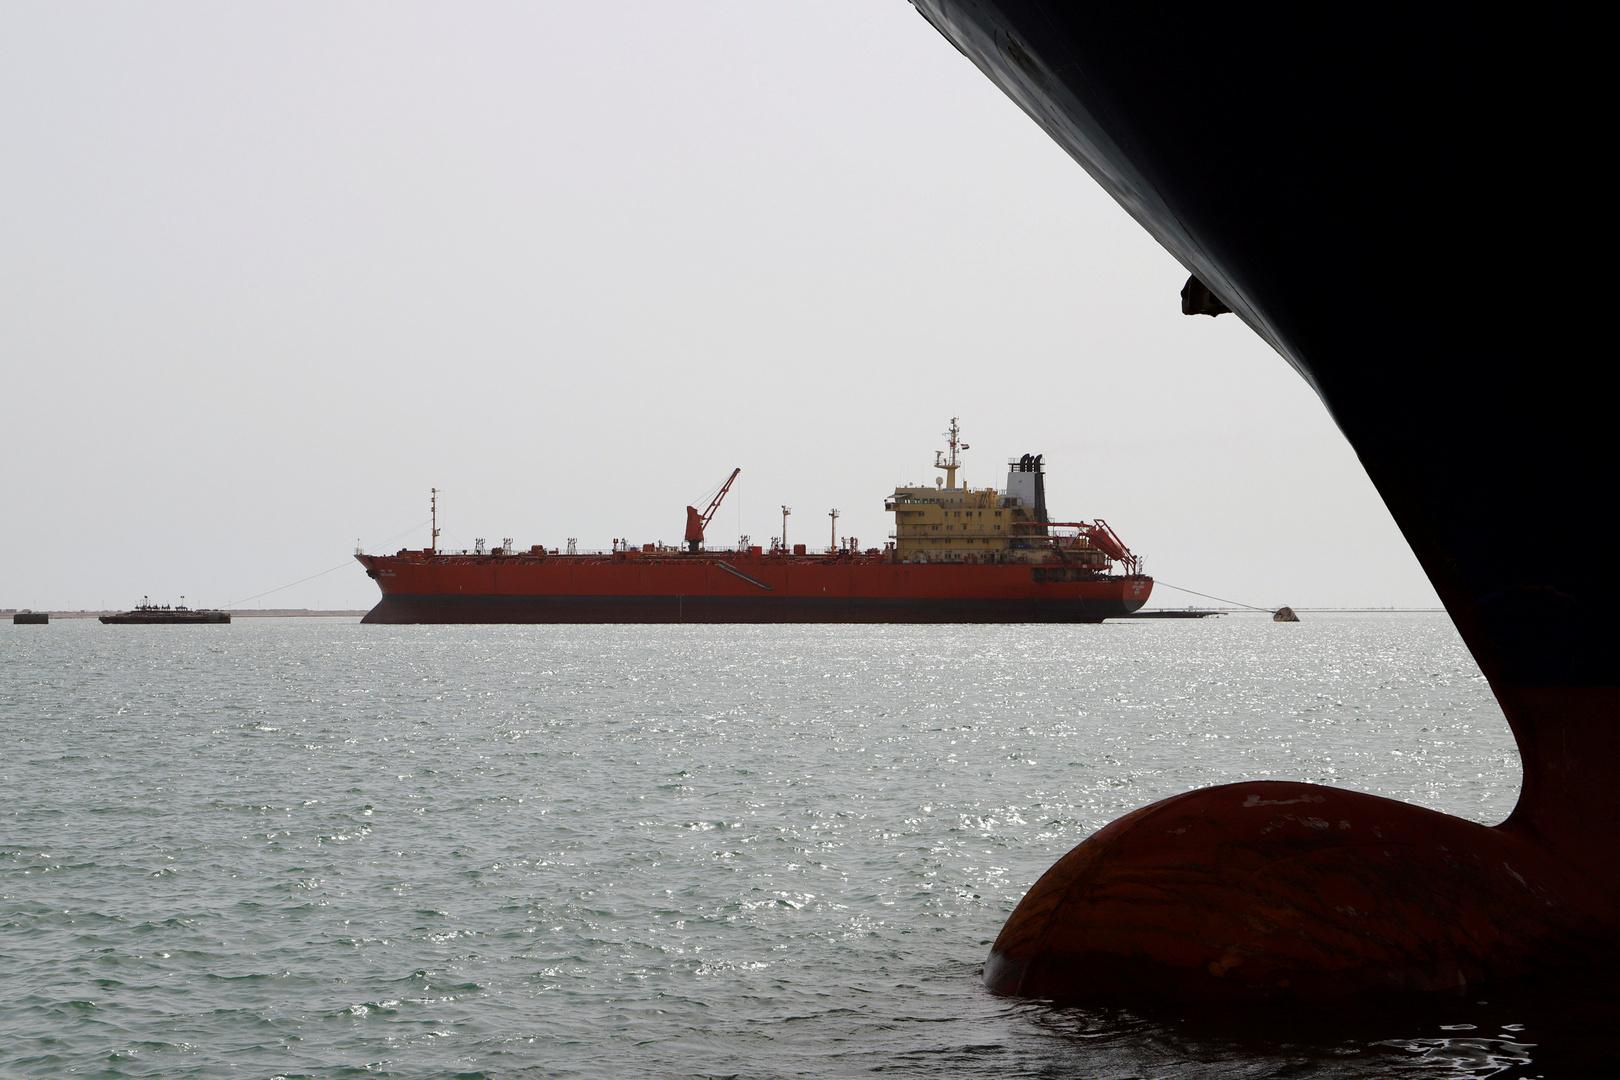 الحكومة اليمنية تسمح بدخول مزيد من سفن نقل الوقود إلى ميناء الحديدة